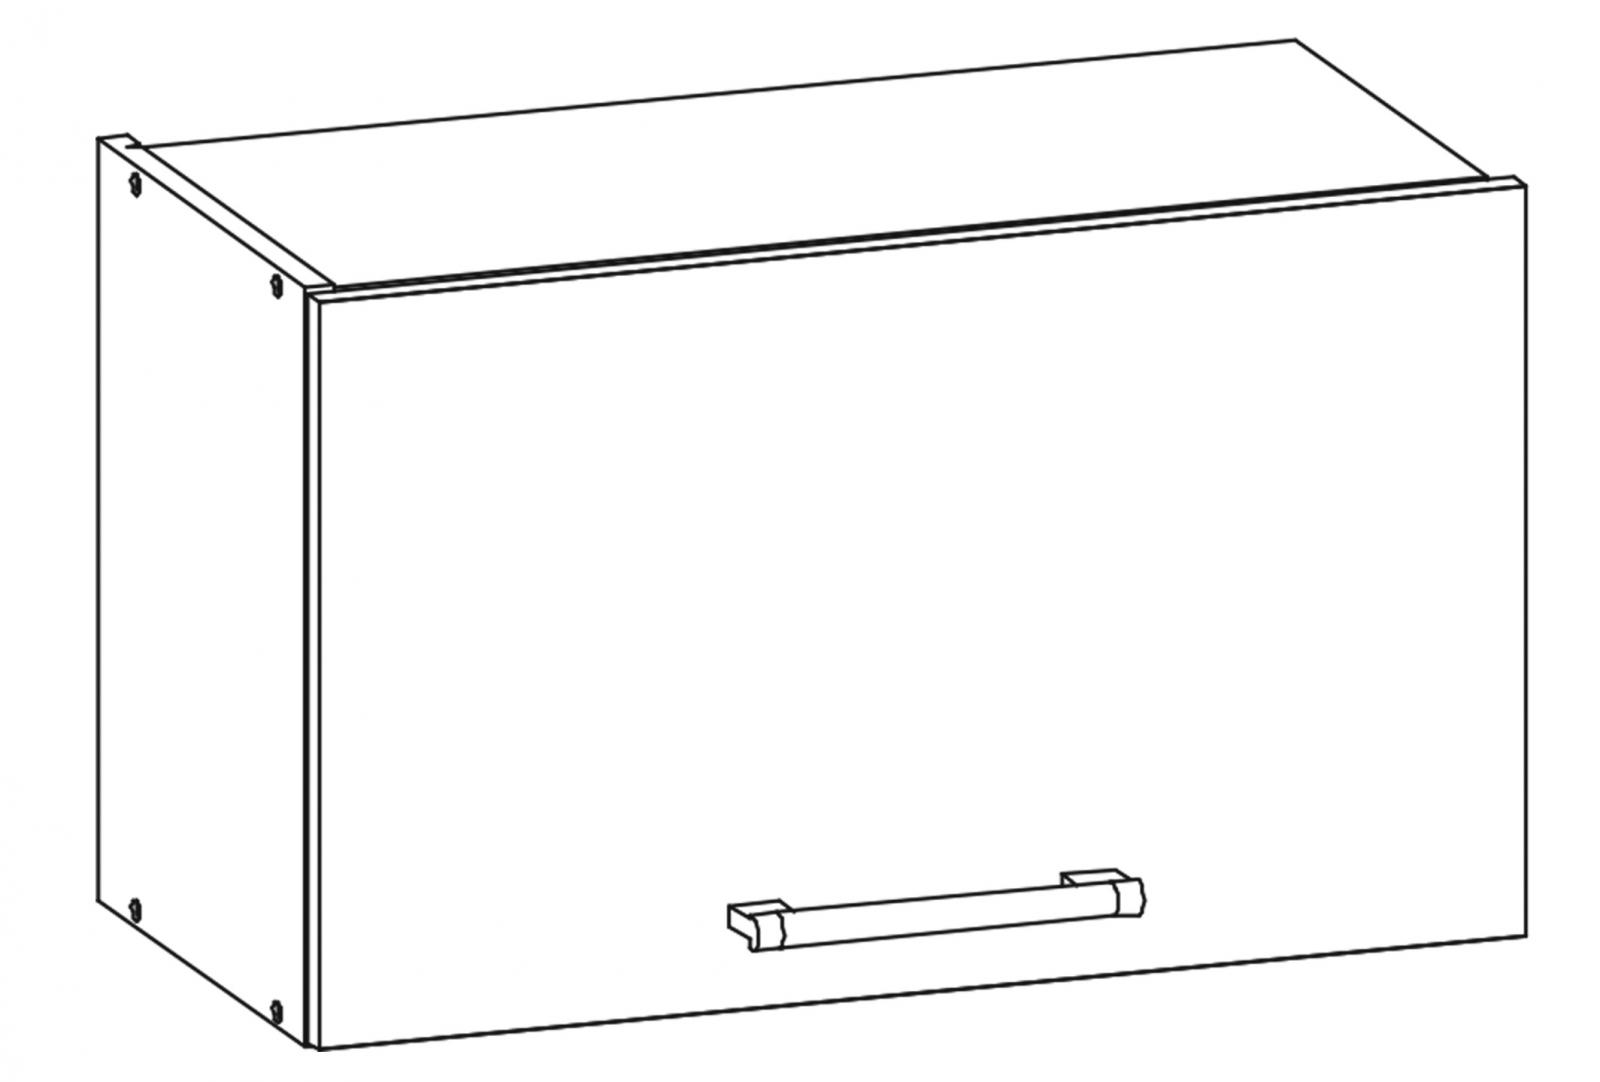 Kuchyňská skříňka Sergio 07/G60o bílá/bílý lesk